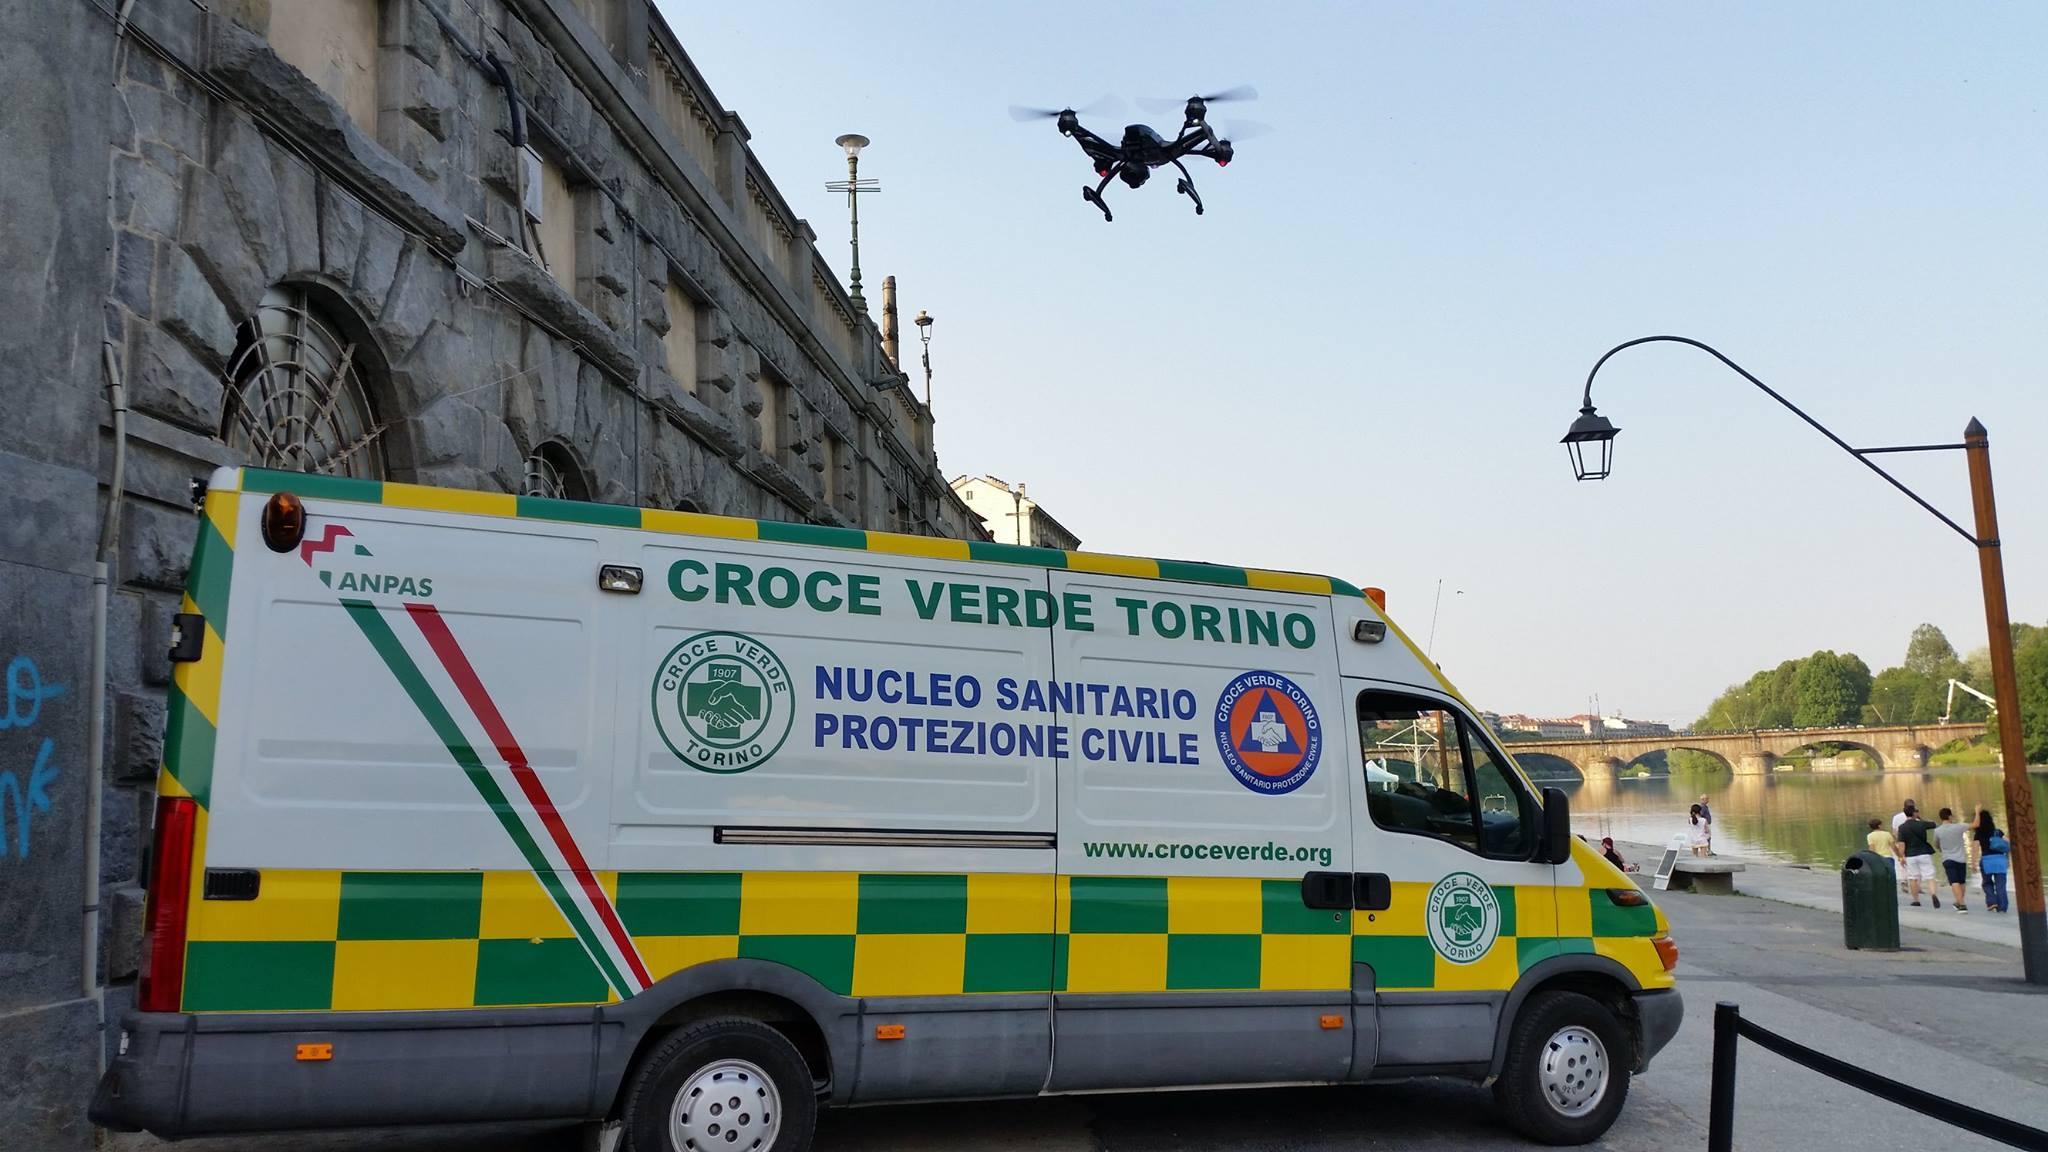 Storia delle associazioni d'Italia - La Croce Verde di Torino | Emergency Live 1